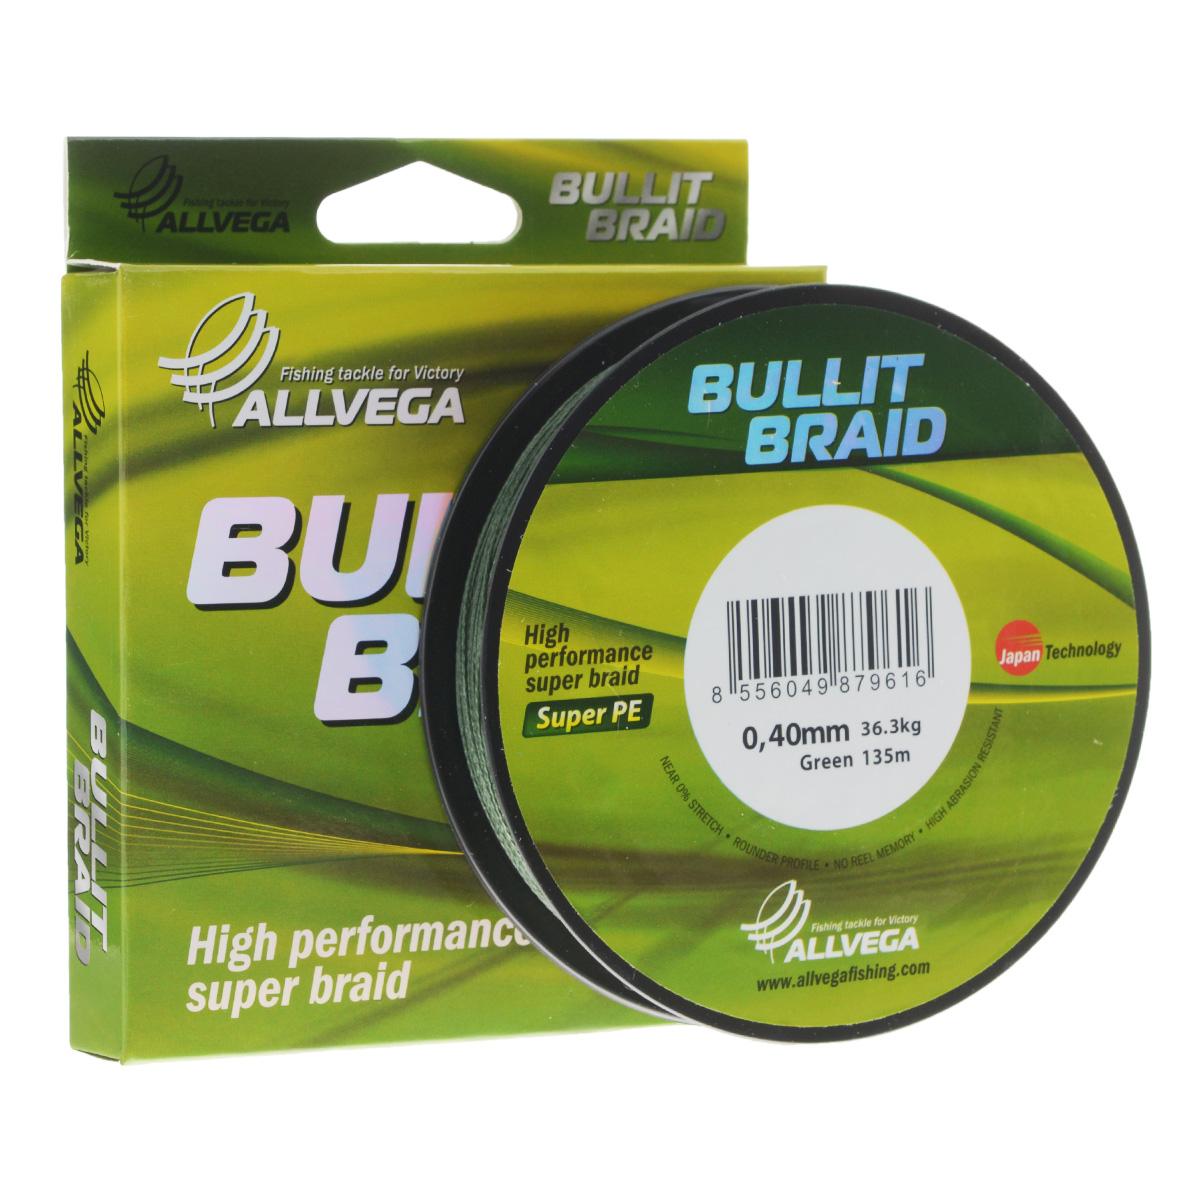 Леска плетеная Allvega Bullit Braid, цвет: темно-зеленый, 135 м, 0,40 мм, 36,3 кг32046Леска Allvega Bullit Braid с гладкой поверхностью и одинаковым сечением по всей длине обладает высокой износостойкостью. Благодаря микроволокнам полиэтилена (Super PE) леска имеет очень плотное плетение и не впитывает воду. Леску Allvega Bullit Braid можно применять в любых типах водоемов. Особенности: повышенная износостойкость; высокая чувствительность - коэффициент растяжения близок к нулю; отсутствует память; идеально гладкая поверхность позволяет увеличить дальность забросов; высокая прочность шнура на узлах.